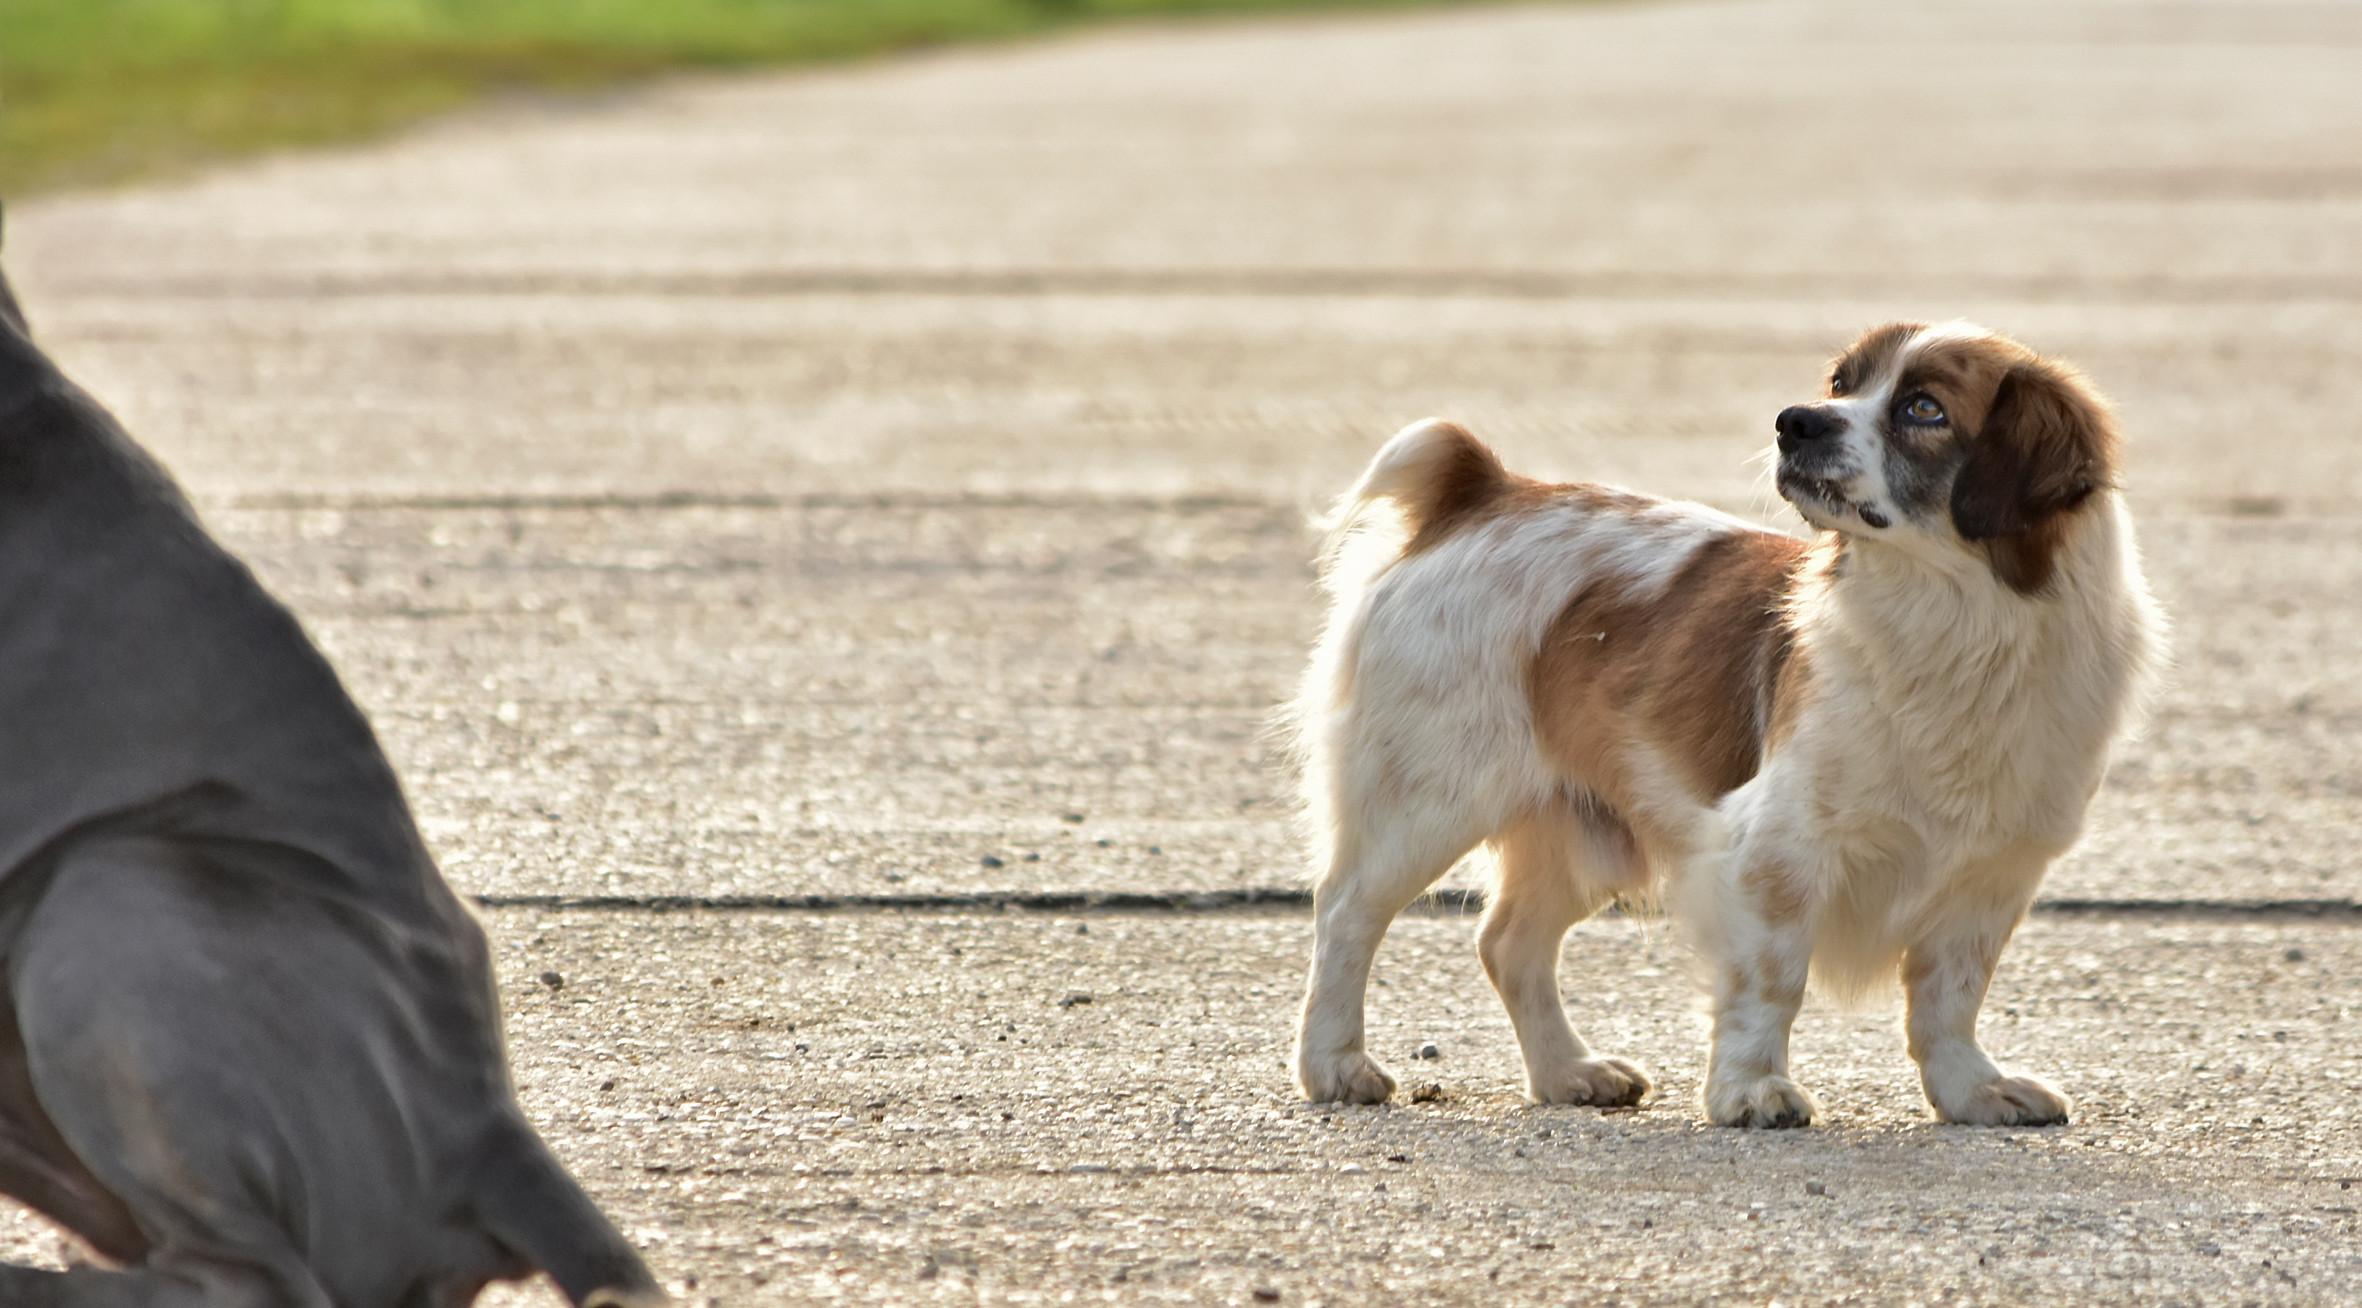 Kleiner Straßenhund am Betteln